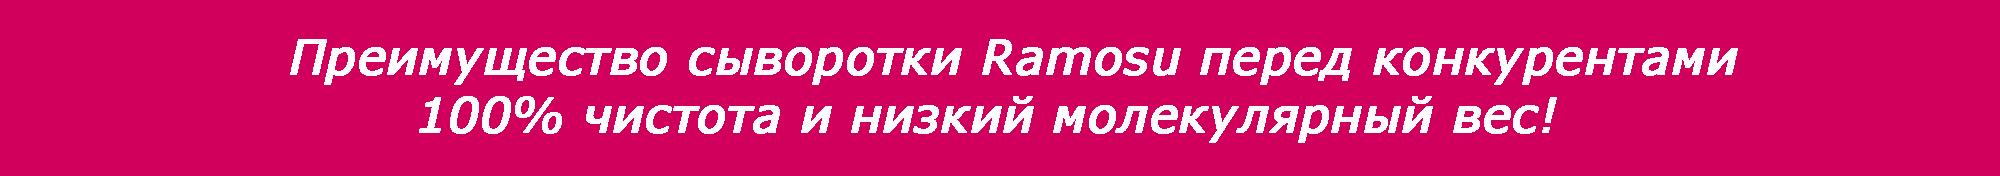 Почему именно Ramosu